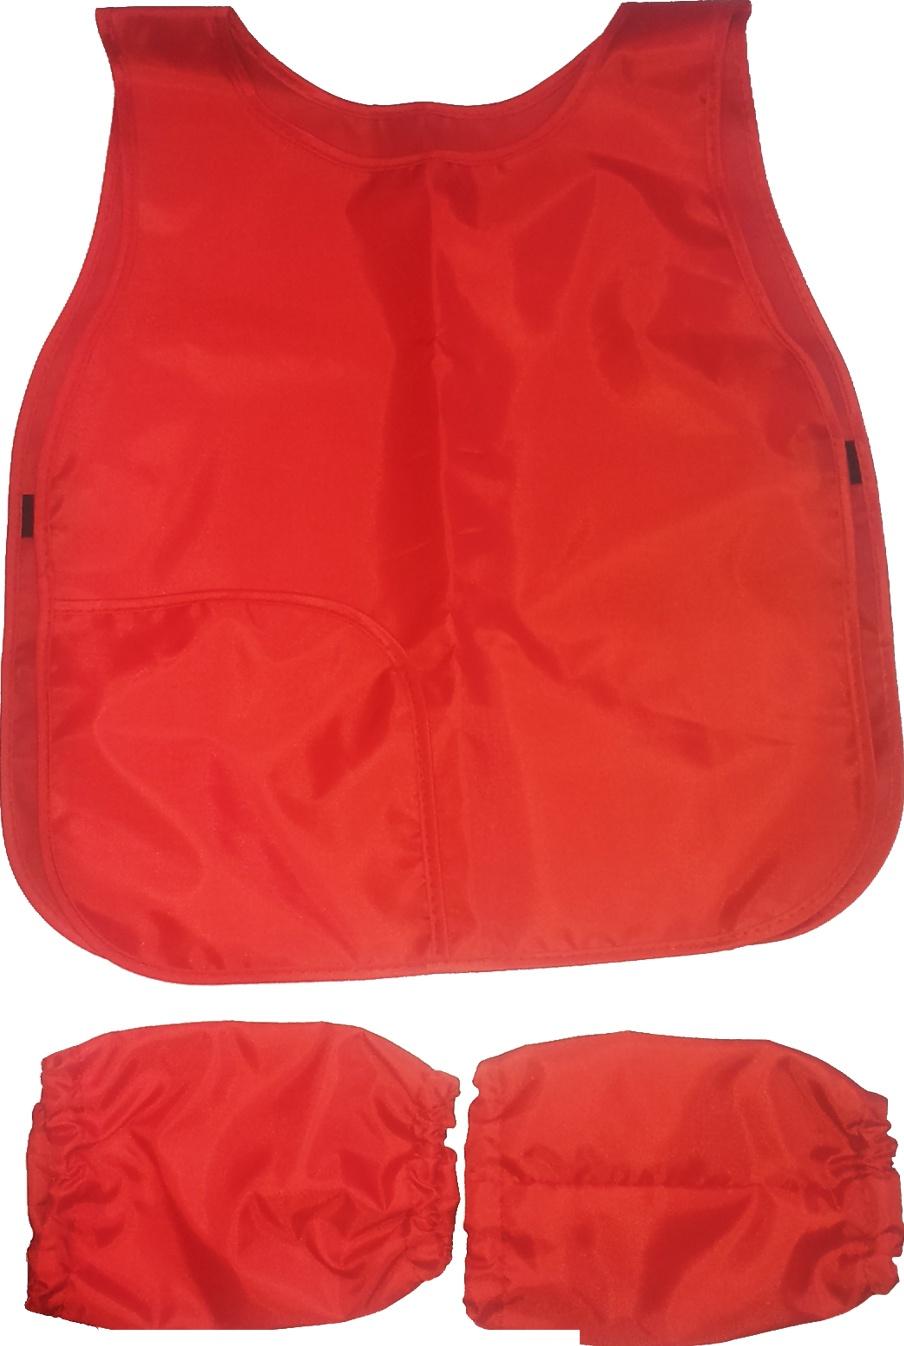 Фартук-накидка для труда BG с нарукавниками, 475x410мм из полиэстера Красный